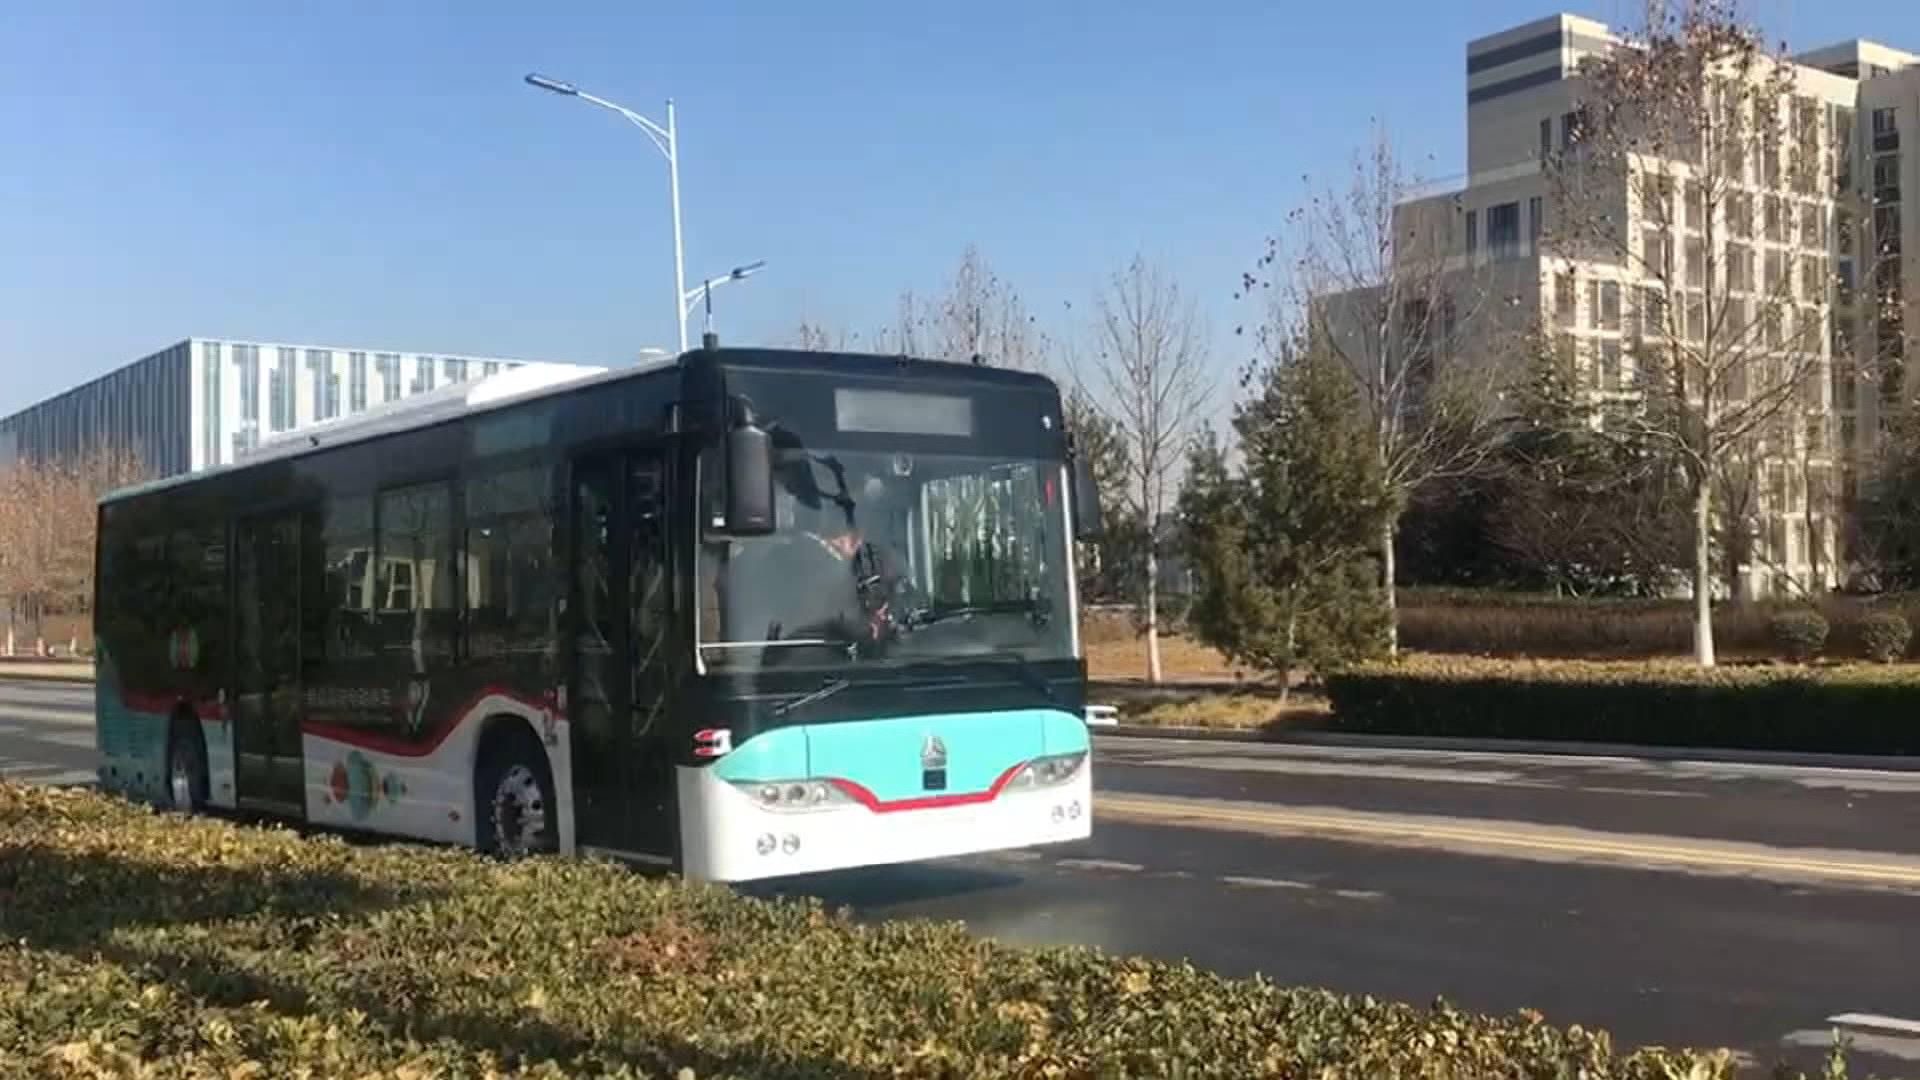 37秒丨滴!济南首辆无人驾驶公交车上路测试,区域内5G全覆盖